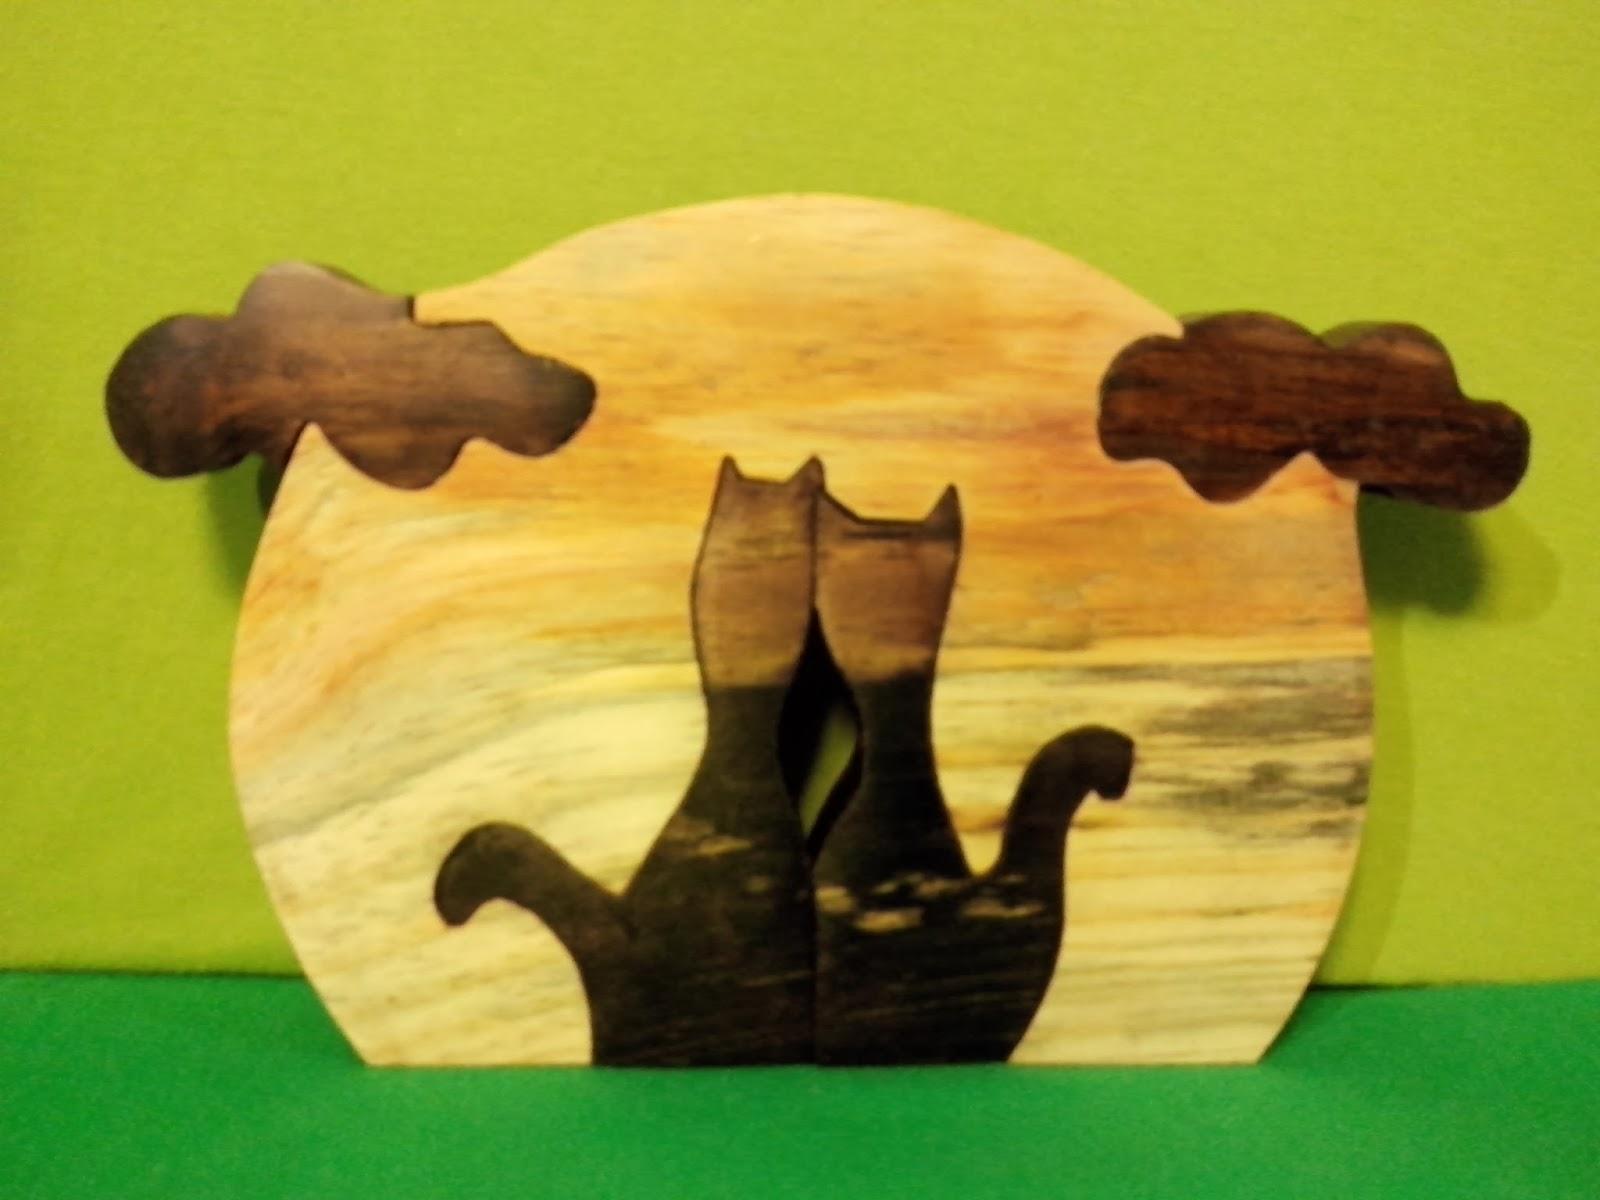 gatos madeira artesanato distrito federal